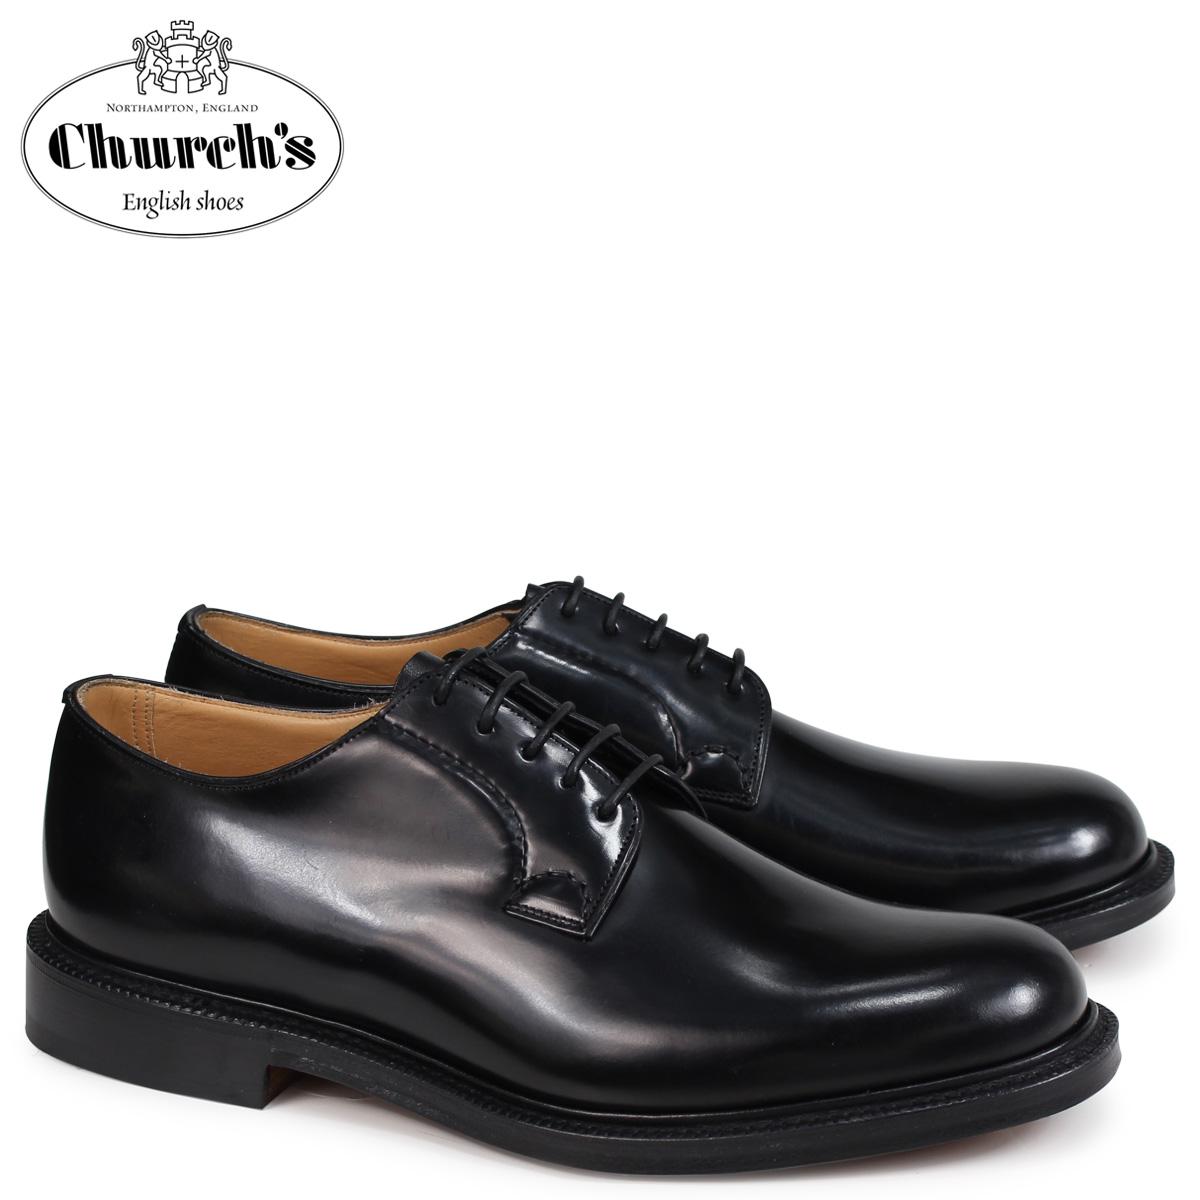 チャーチ Churchs 靴 シャノン プレーントゥ シューズ メンズ SHANNON POLISHED BINDER EEB001 ブラック